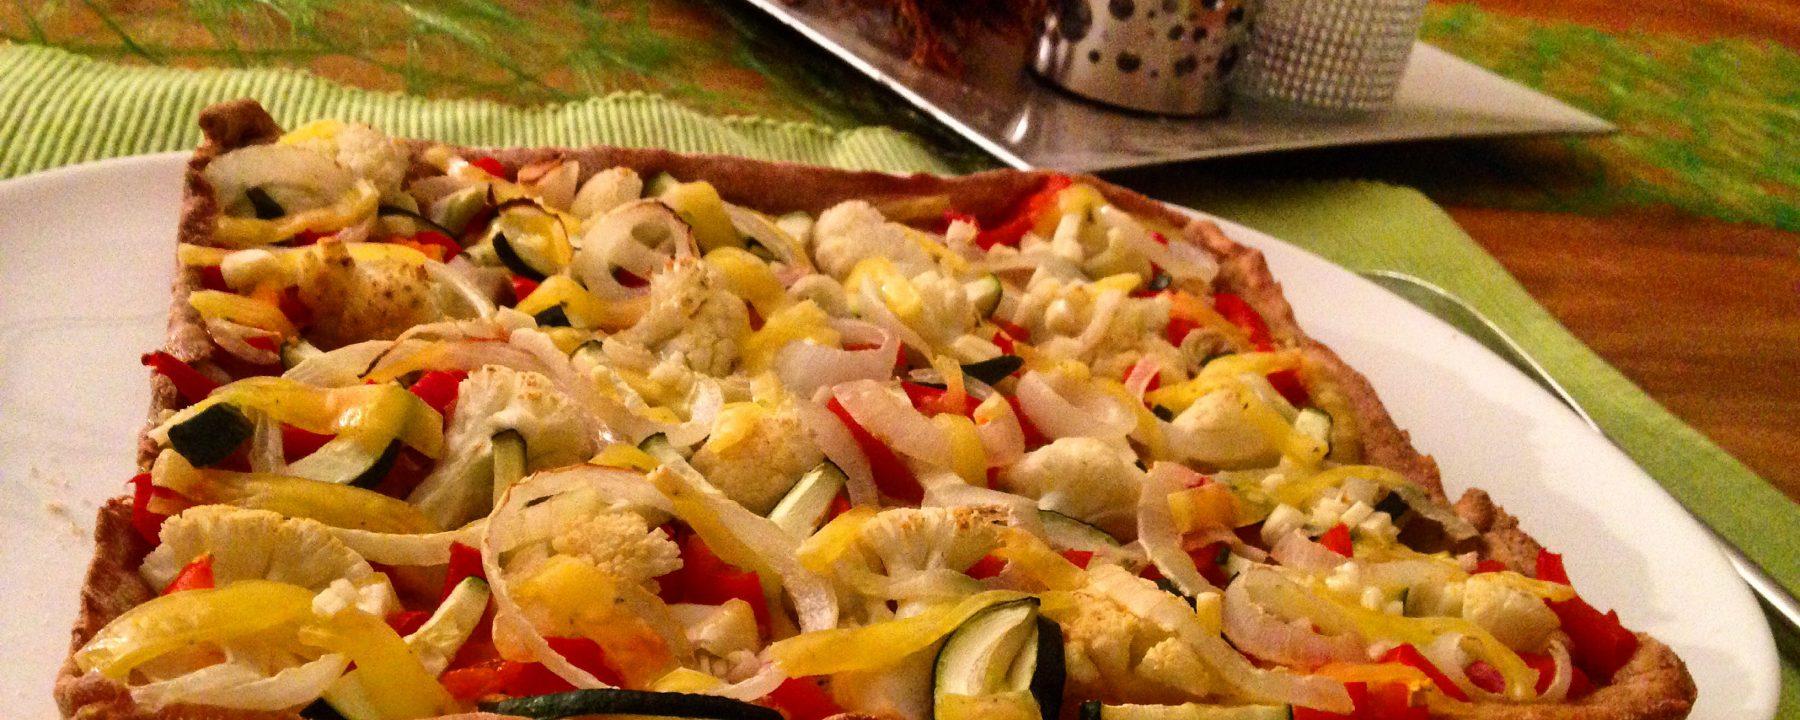 Viogane Pizza ohne Zucker und Gluten